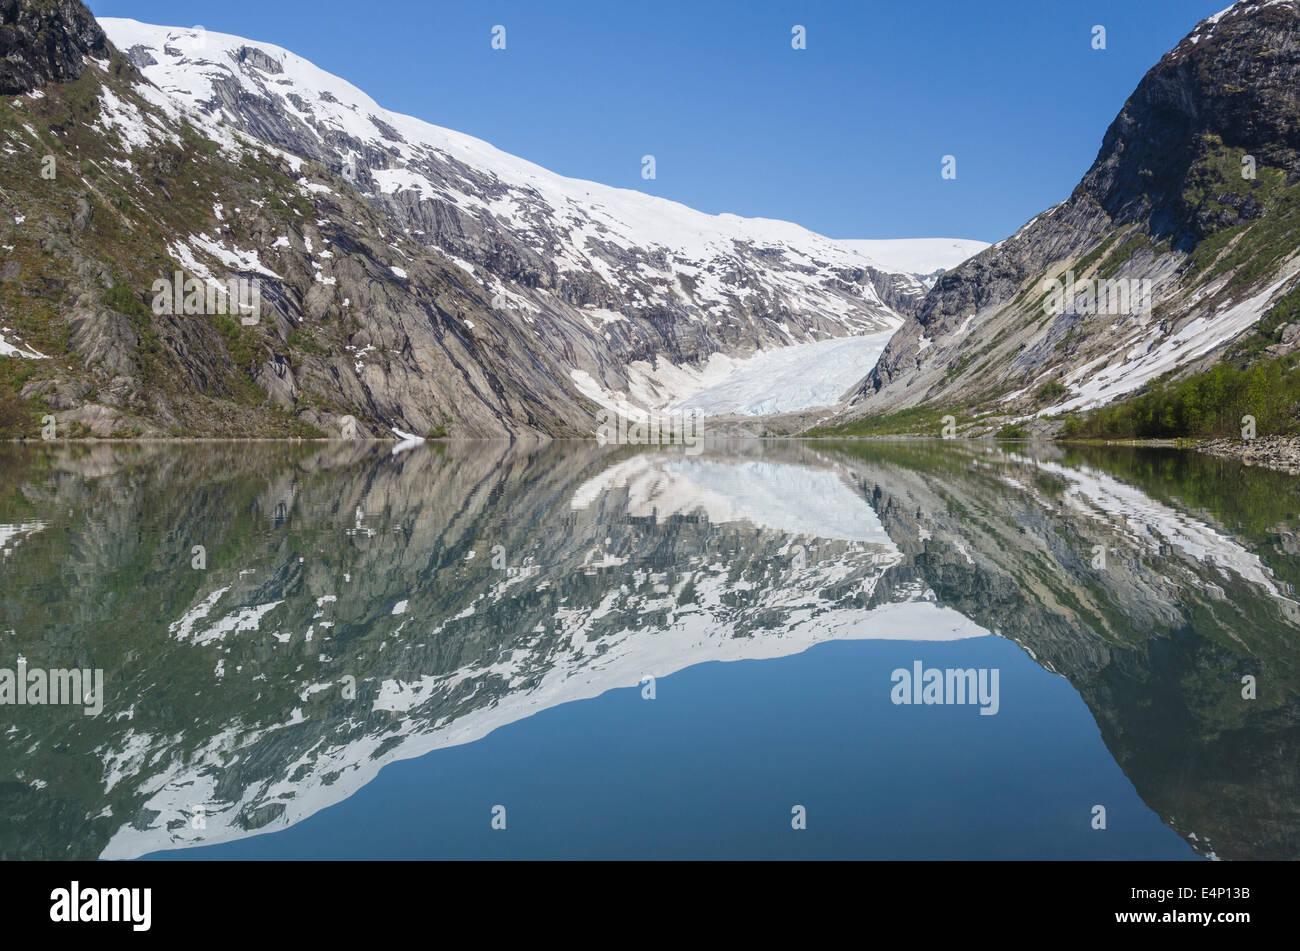 der Gletscher Nigaardsbreen, Jostedalsbreen Nationalpark, Breheimen, Luster, Sogn og Fjordane Fylke, - Stock Image